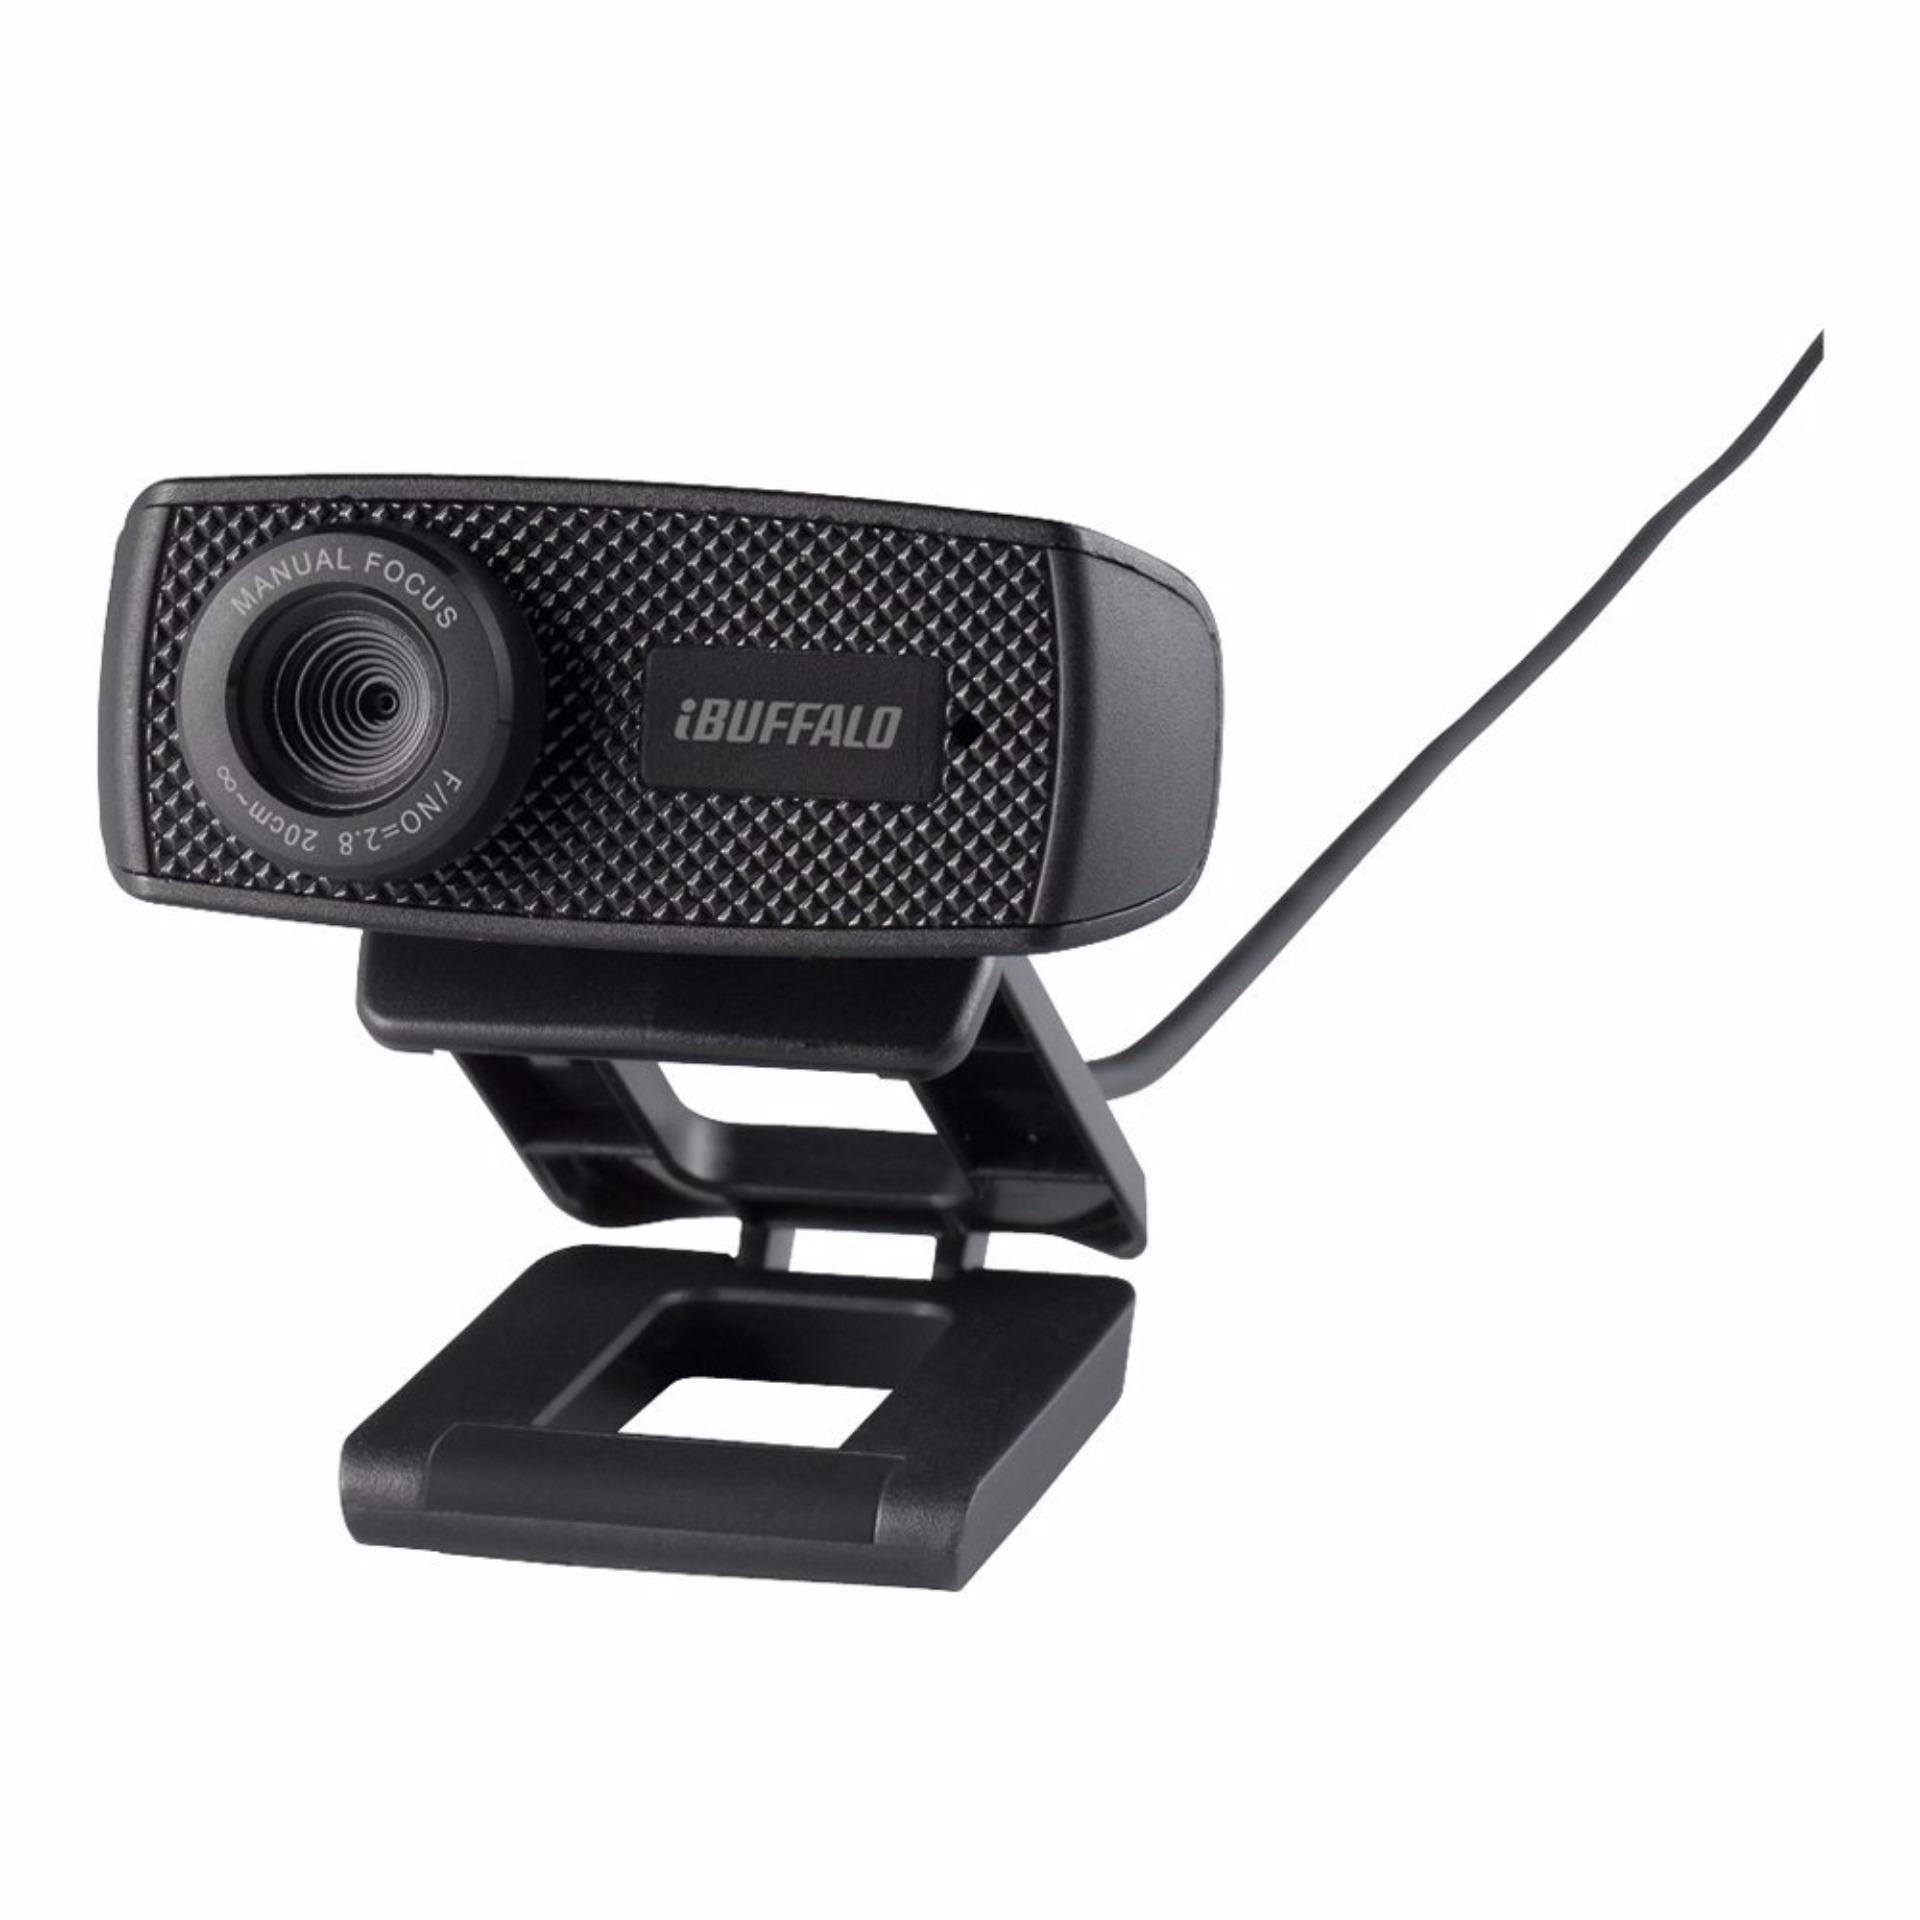 Mua Webcam cho máy tính HD720p iBuffalo BSWHD06M ở đâu tốt?